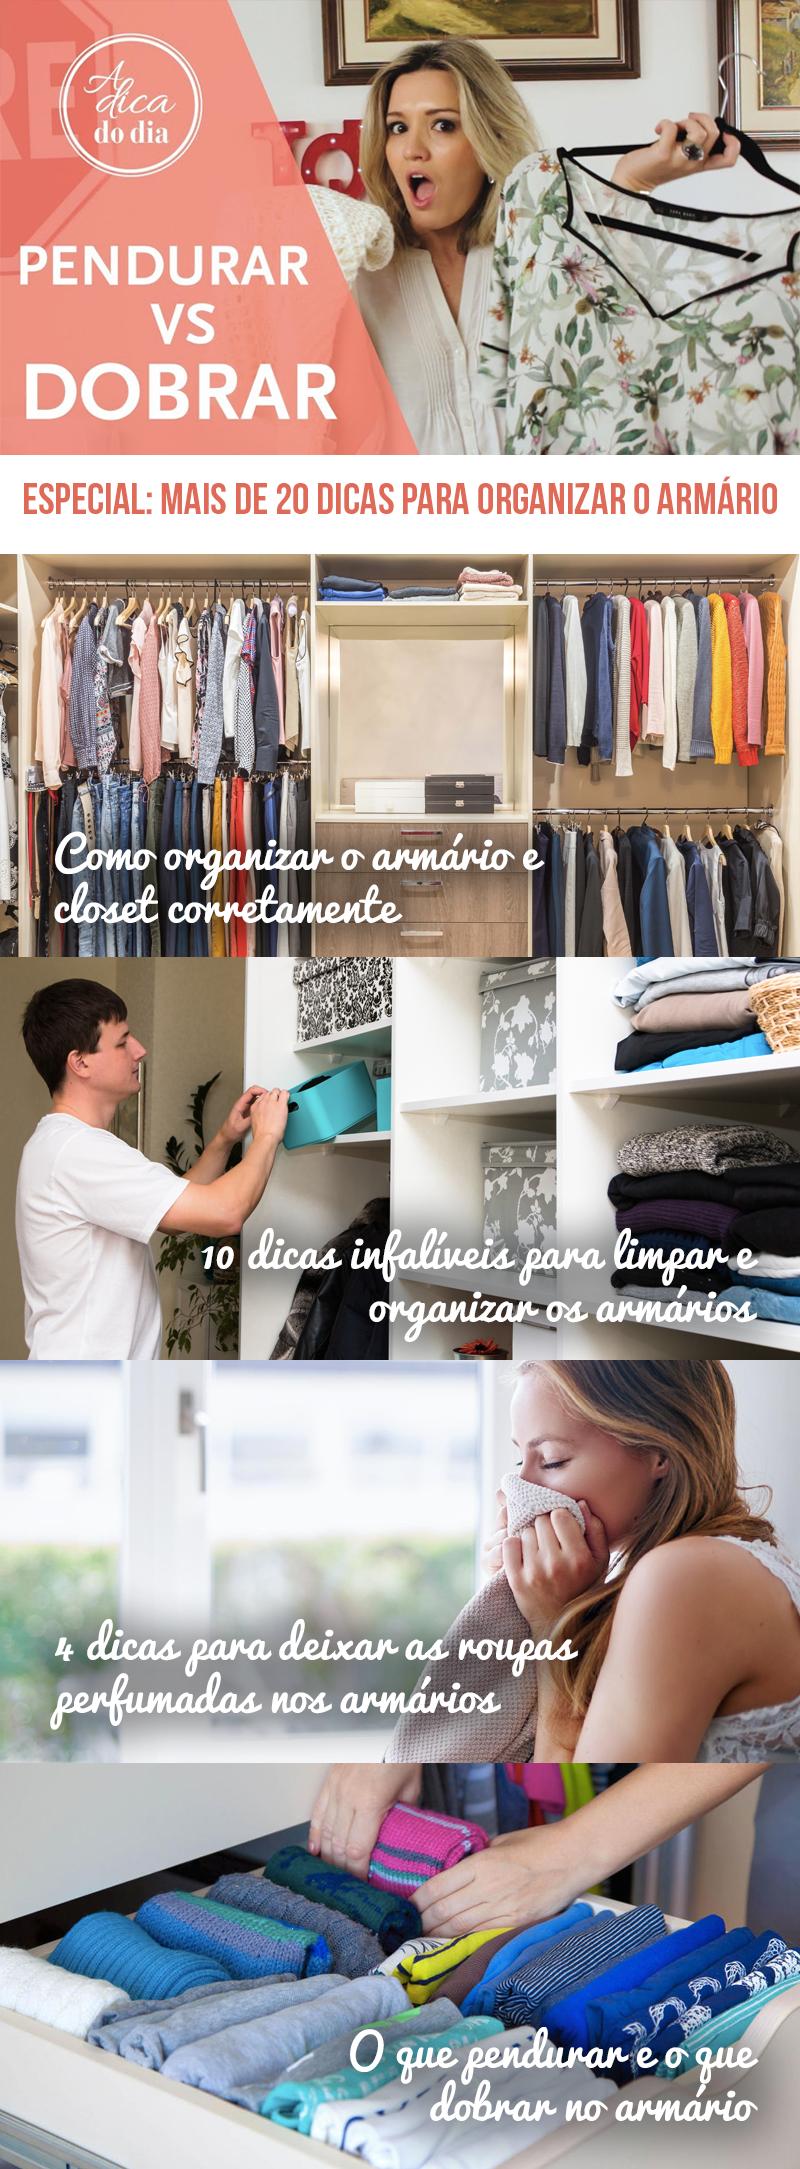 Dicas para organizar o armário Flávia Ferrari